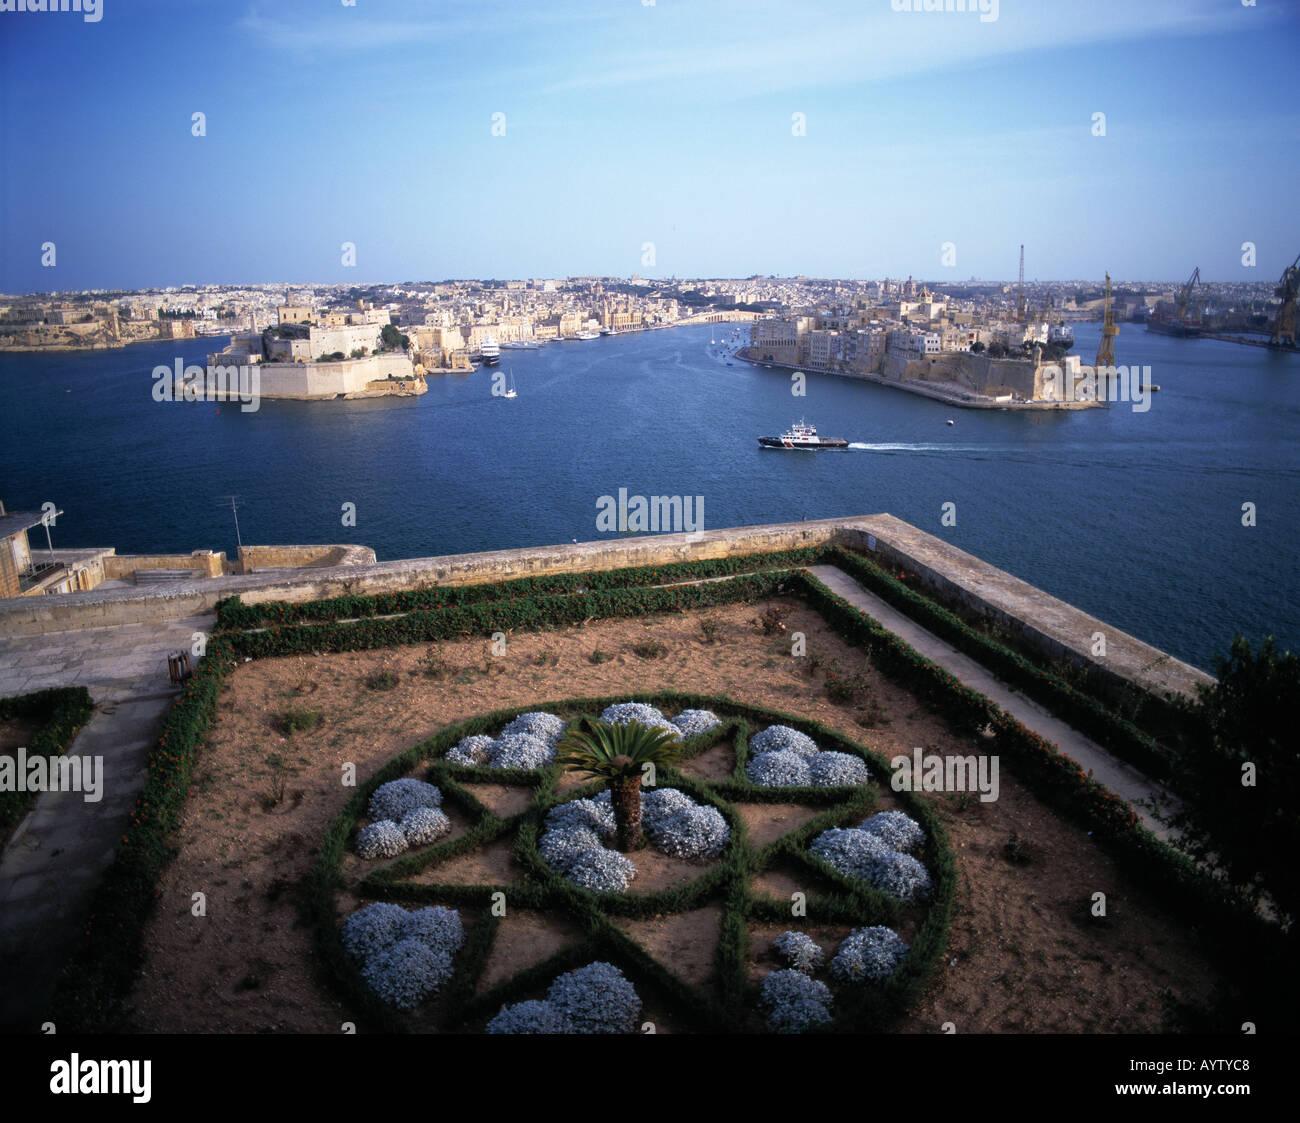 Upper Barraca Gardens, Grand Harbour mit Blick auf Vittoriosa und Senglea, Valletta, Malta - Stock Image